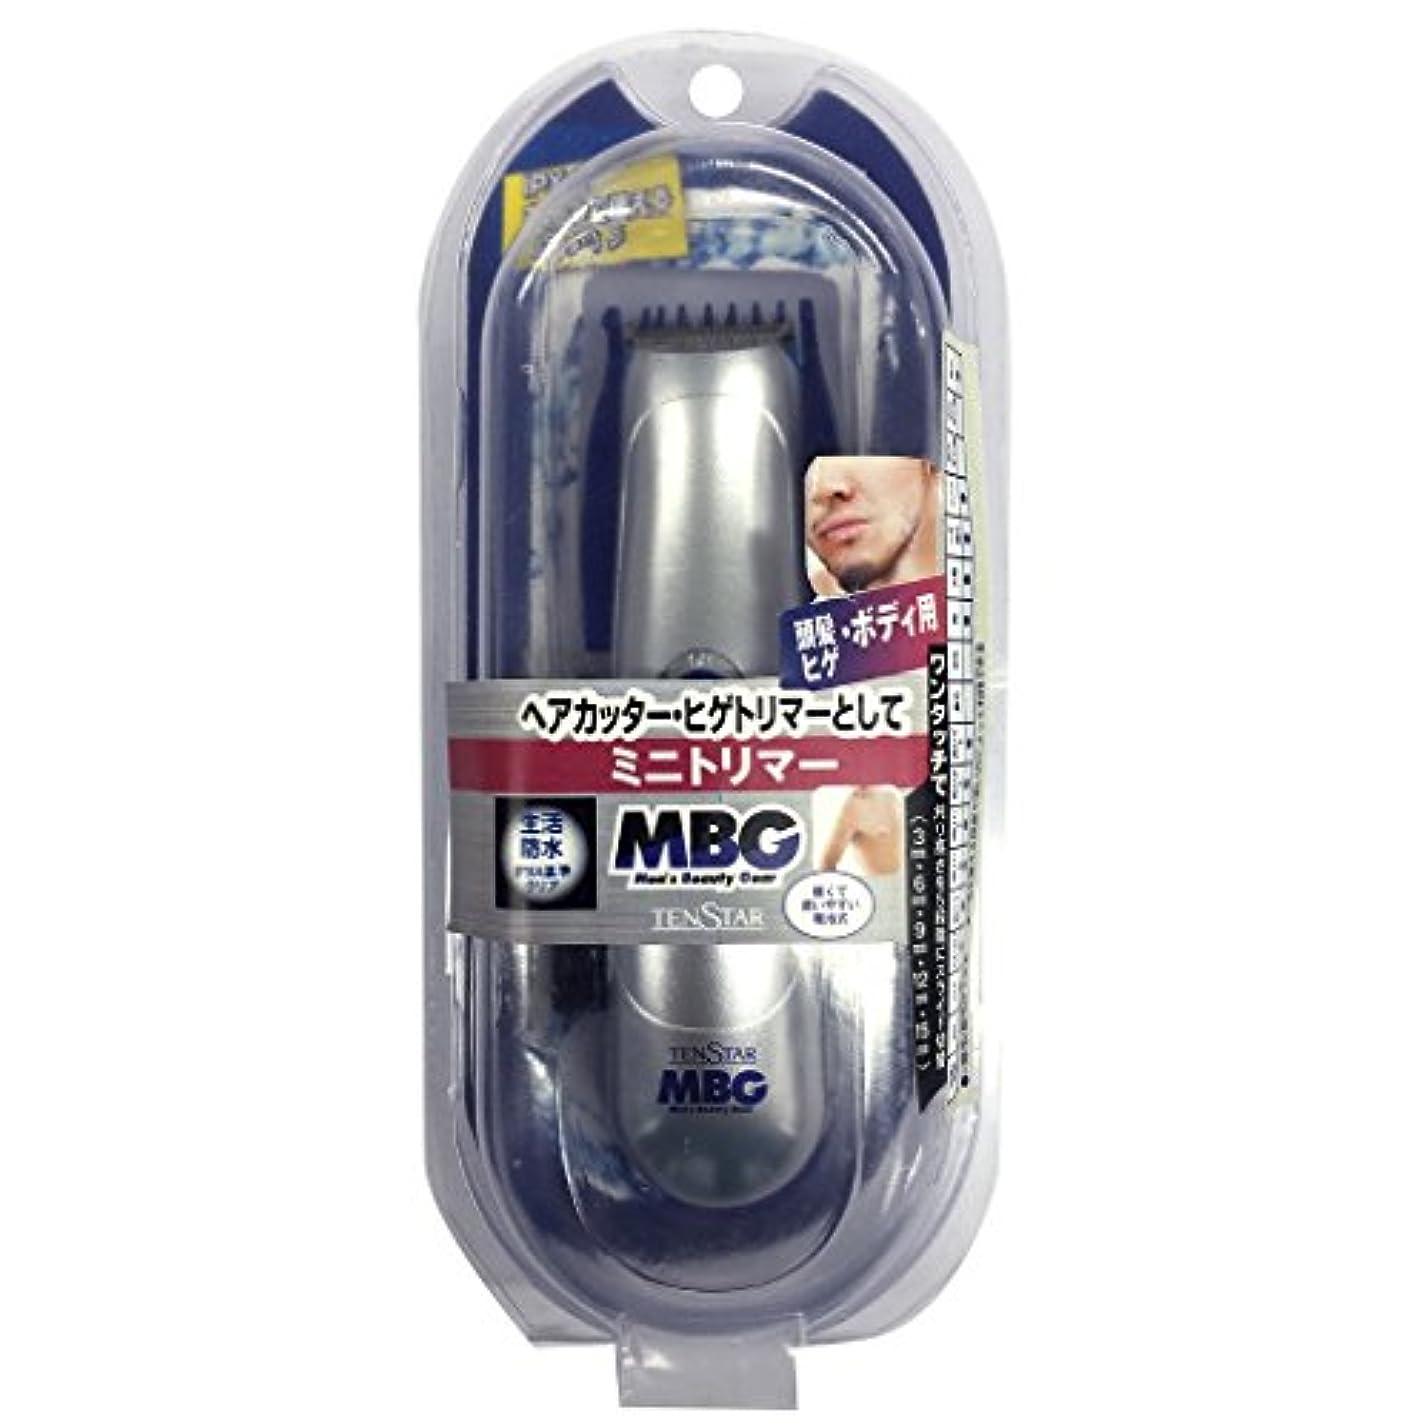 けん引簡潔なうまくいけばMBG 電動ミニトリマー